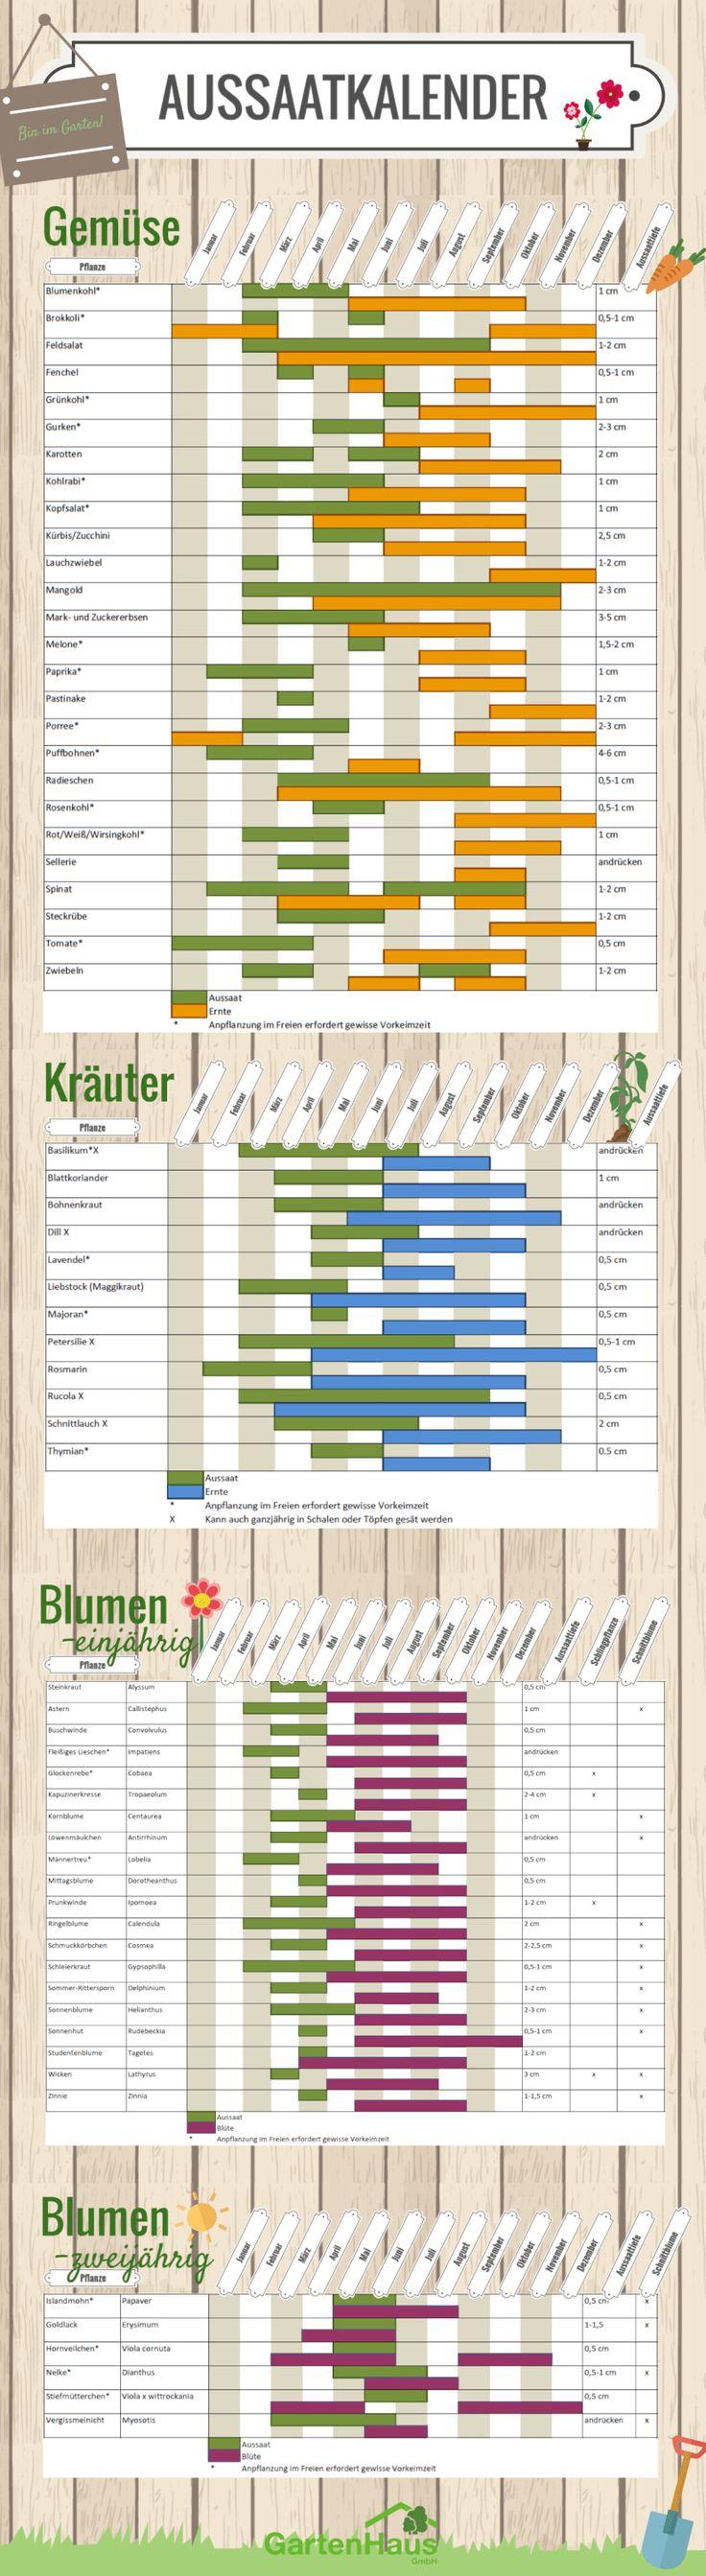 Aussaatkalender 2018 Was müssen Sie wann pflanzen